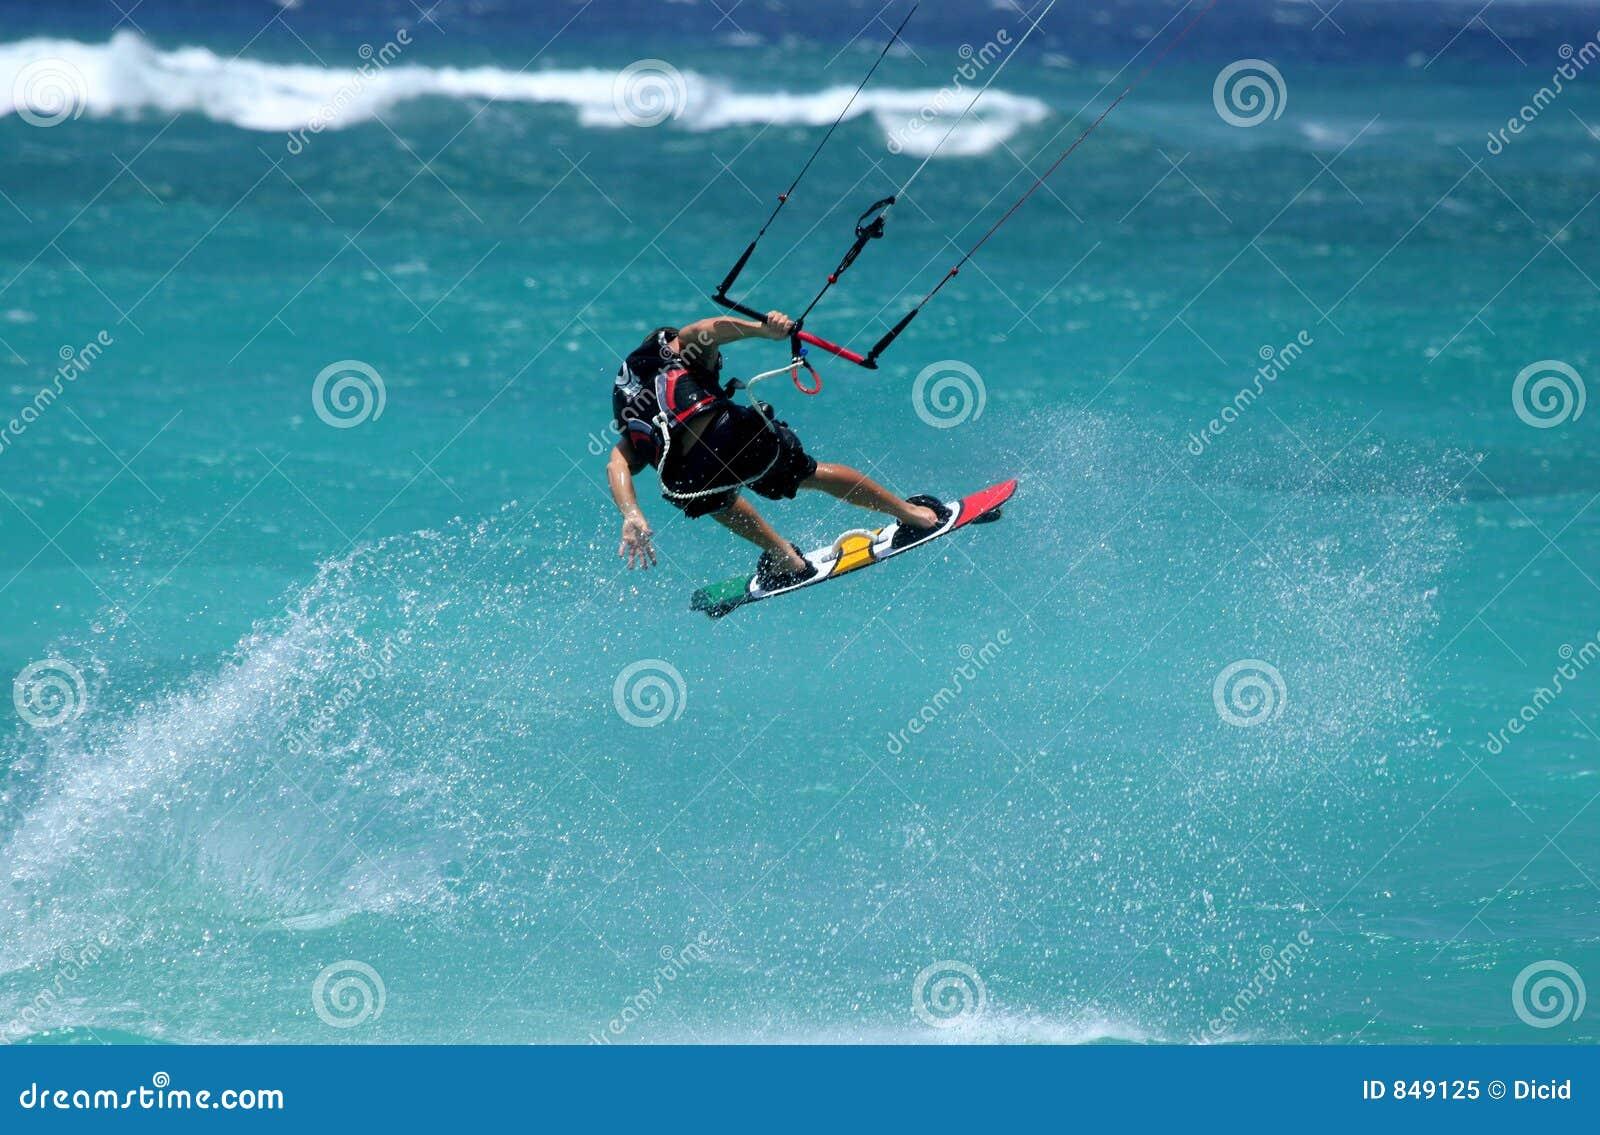 Kite spin 4